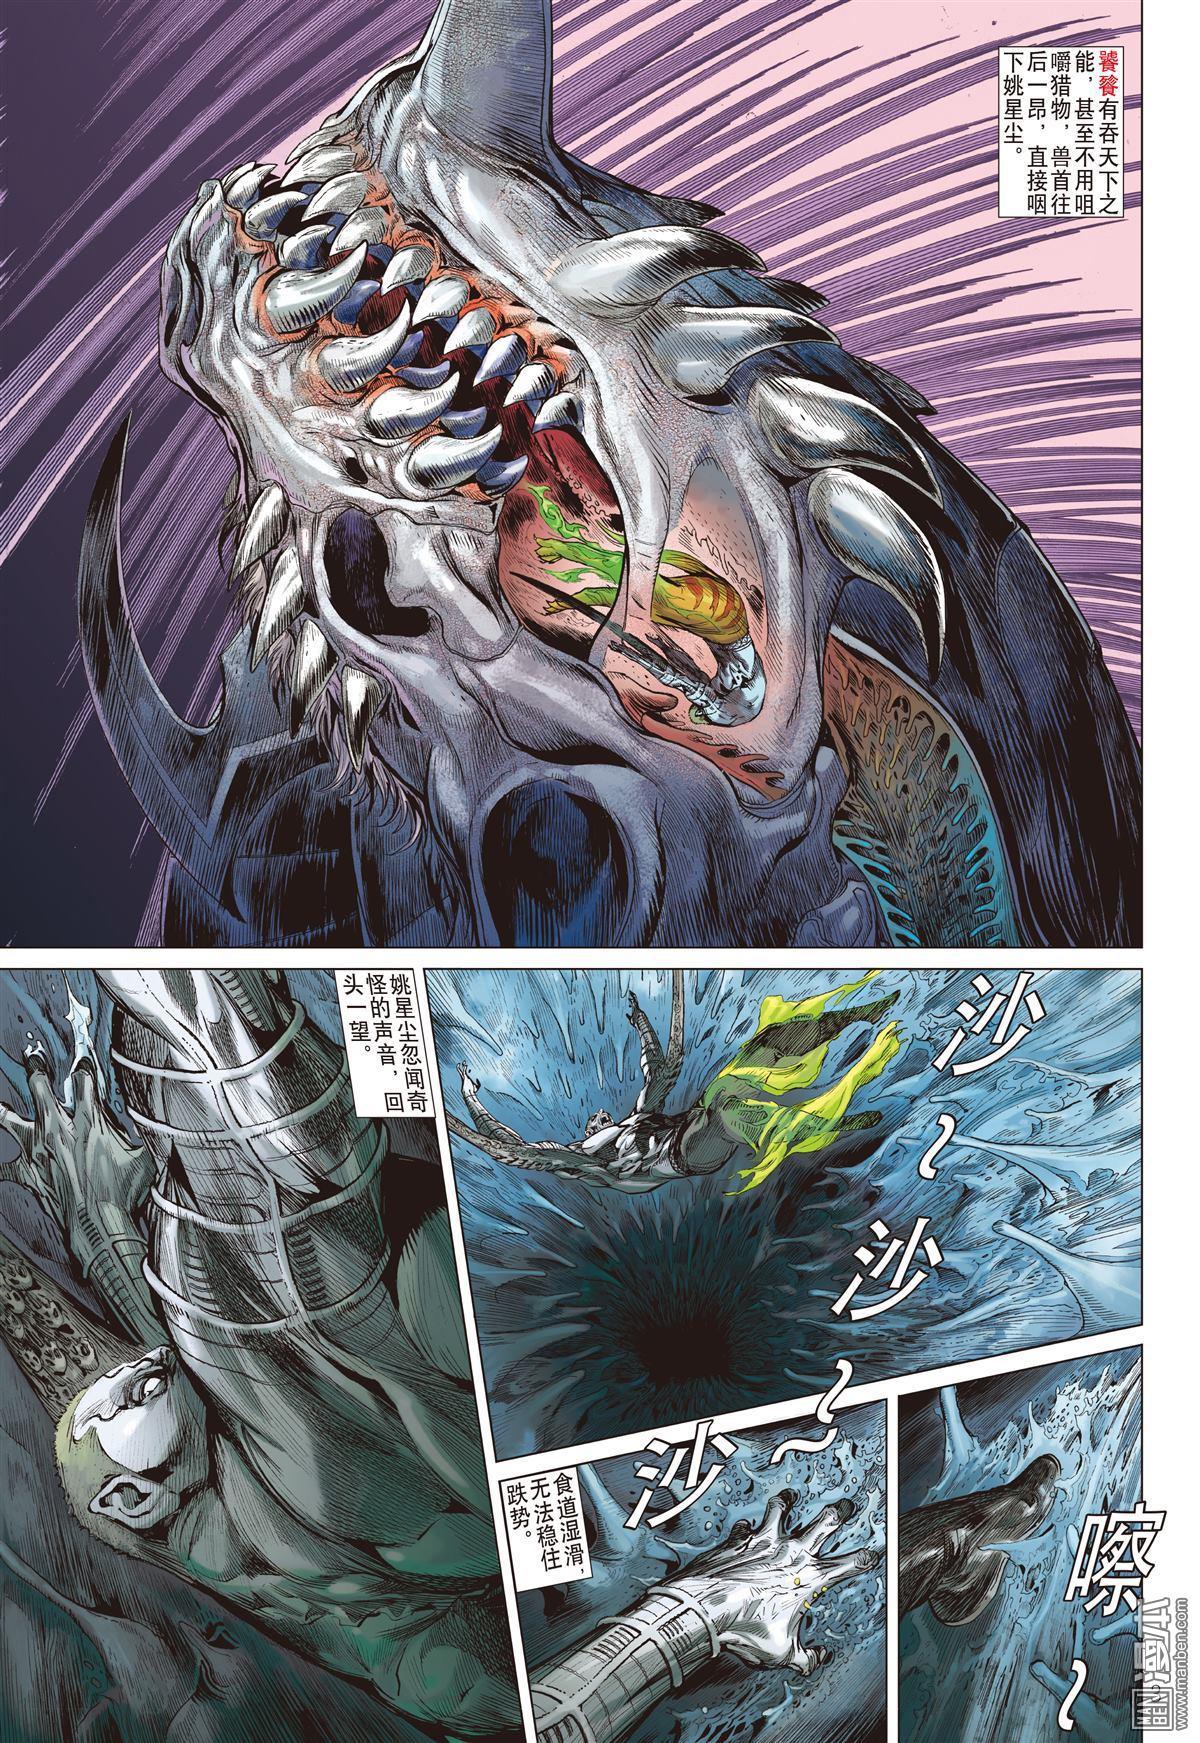 山海逆戰漫畫第280回 吞天下吞星塵(上)(第2頁)劇情-二次元動漫